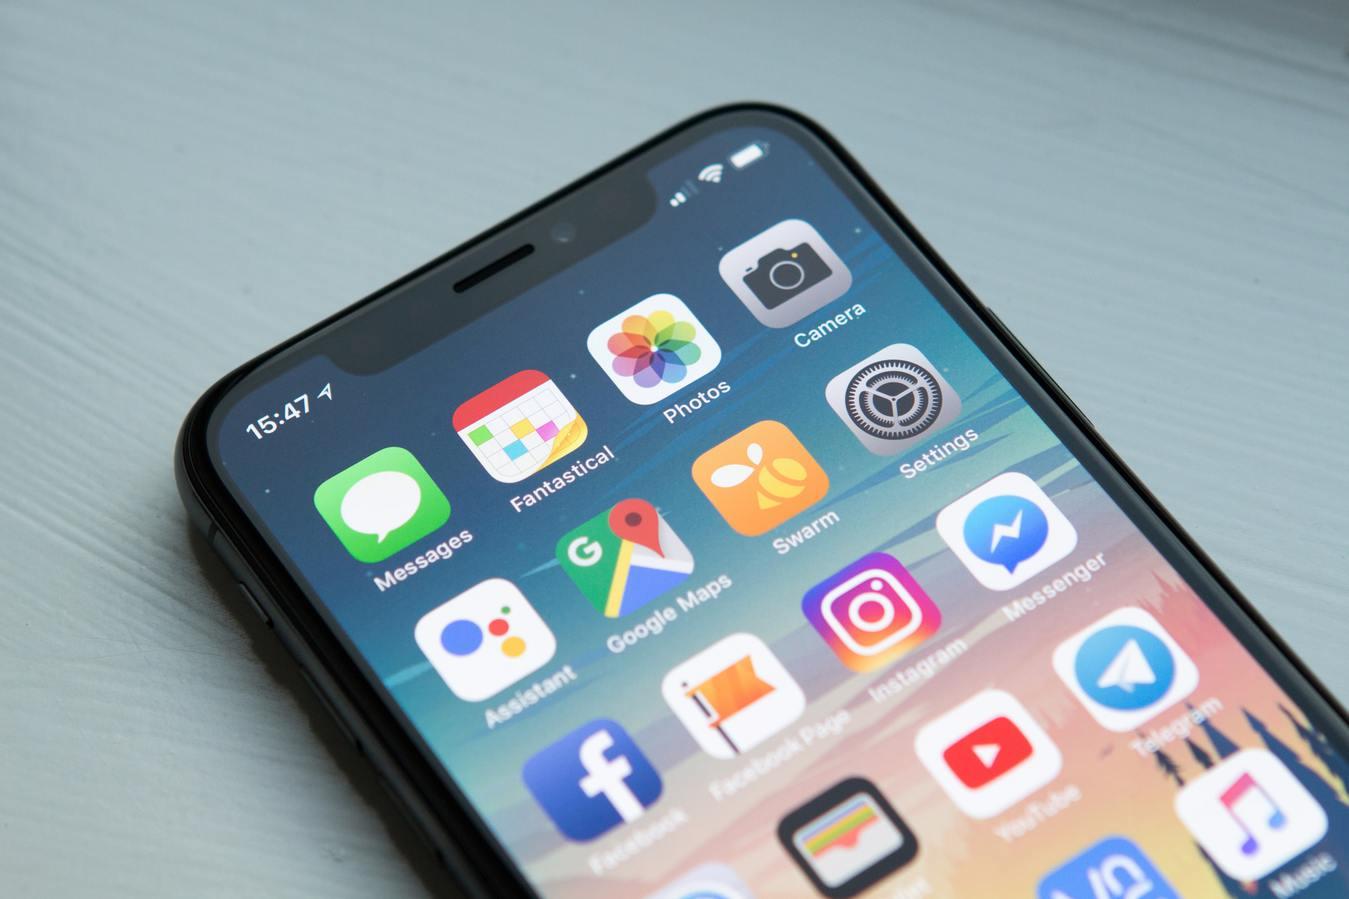 pantalla de iPhone mostrando aplicaciones